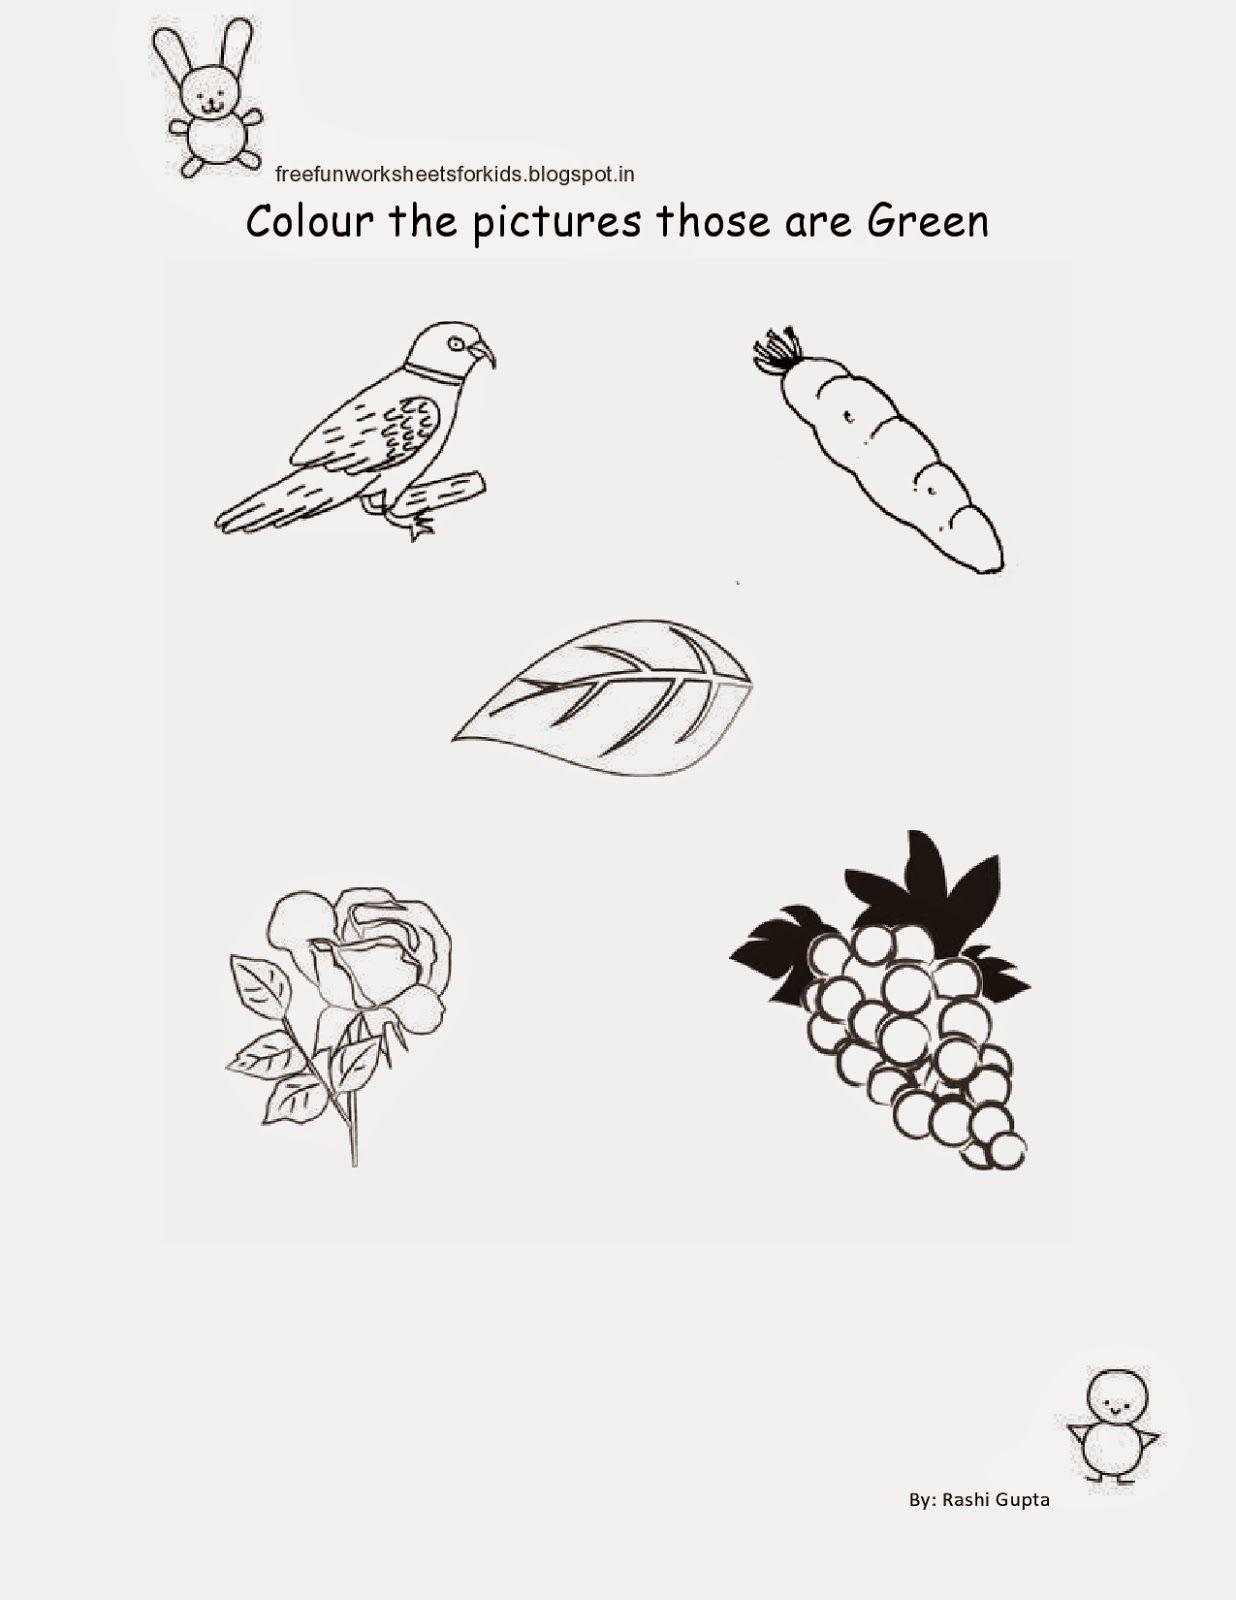 Worksheet Worksheet For Nursery Class my life as a maa worksheets for class nursery free fun kids printable nursery